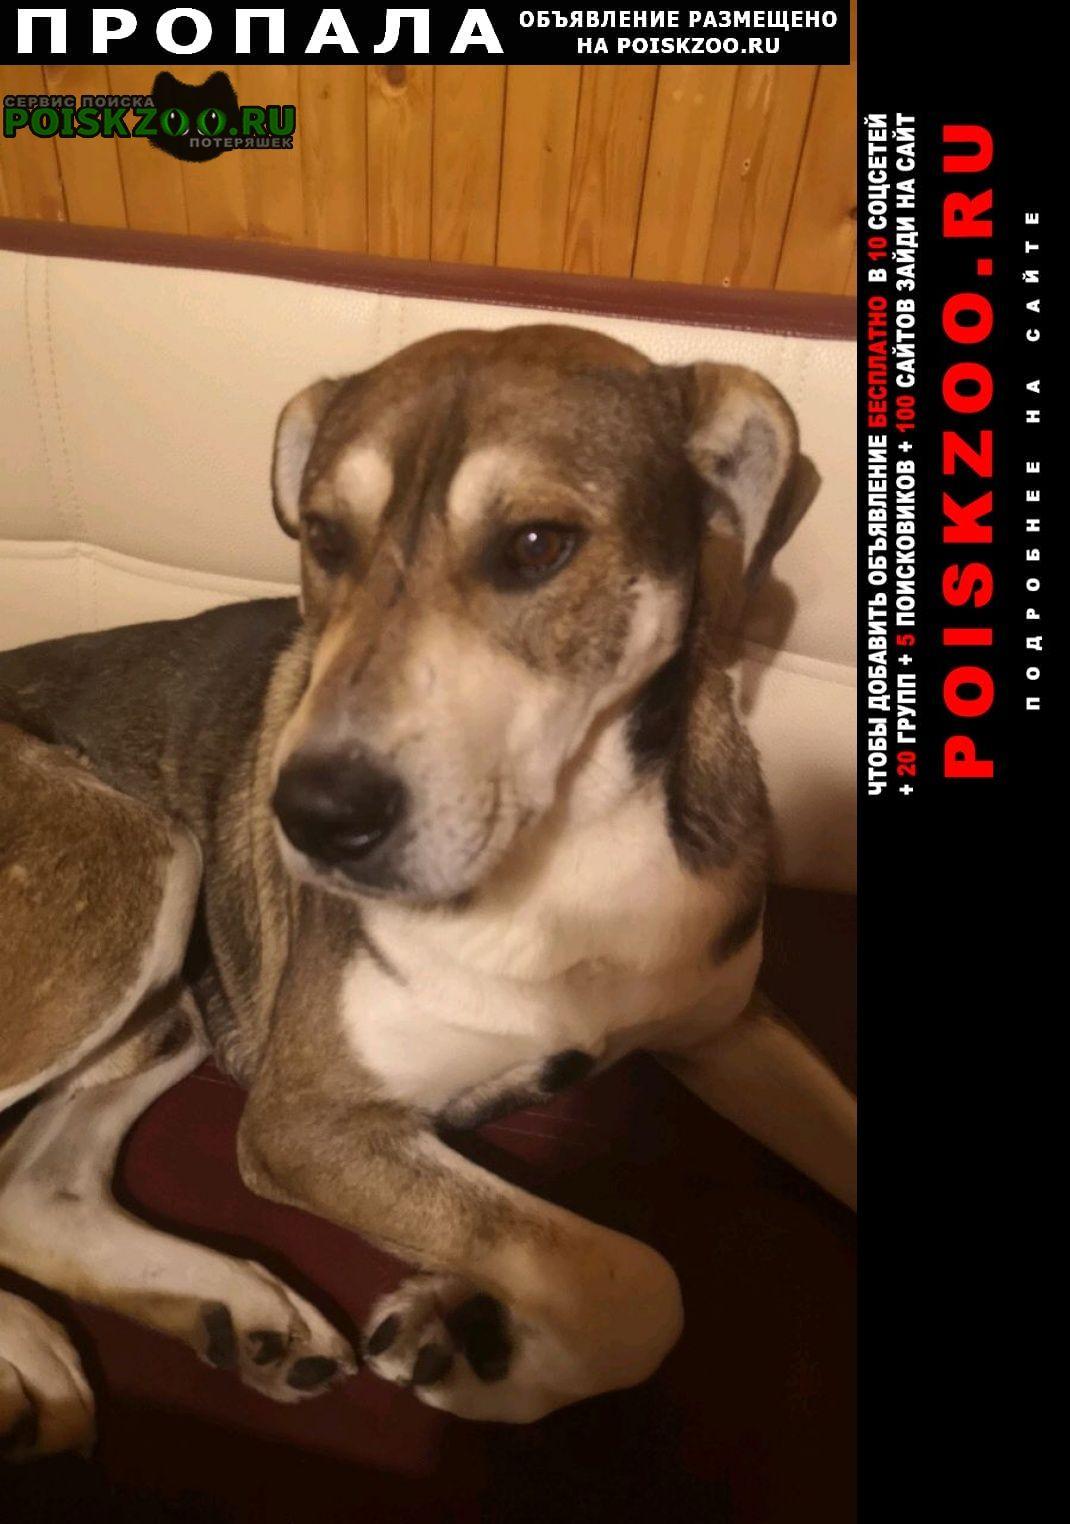 Ступино Пропала собака кобель помогите найти друга